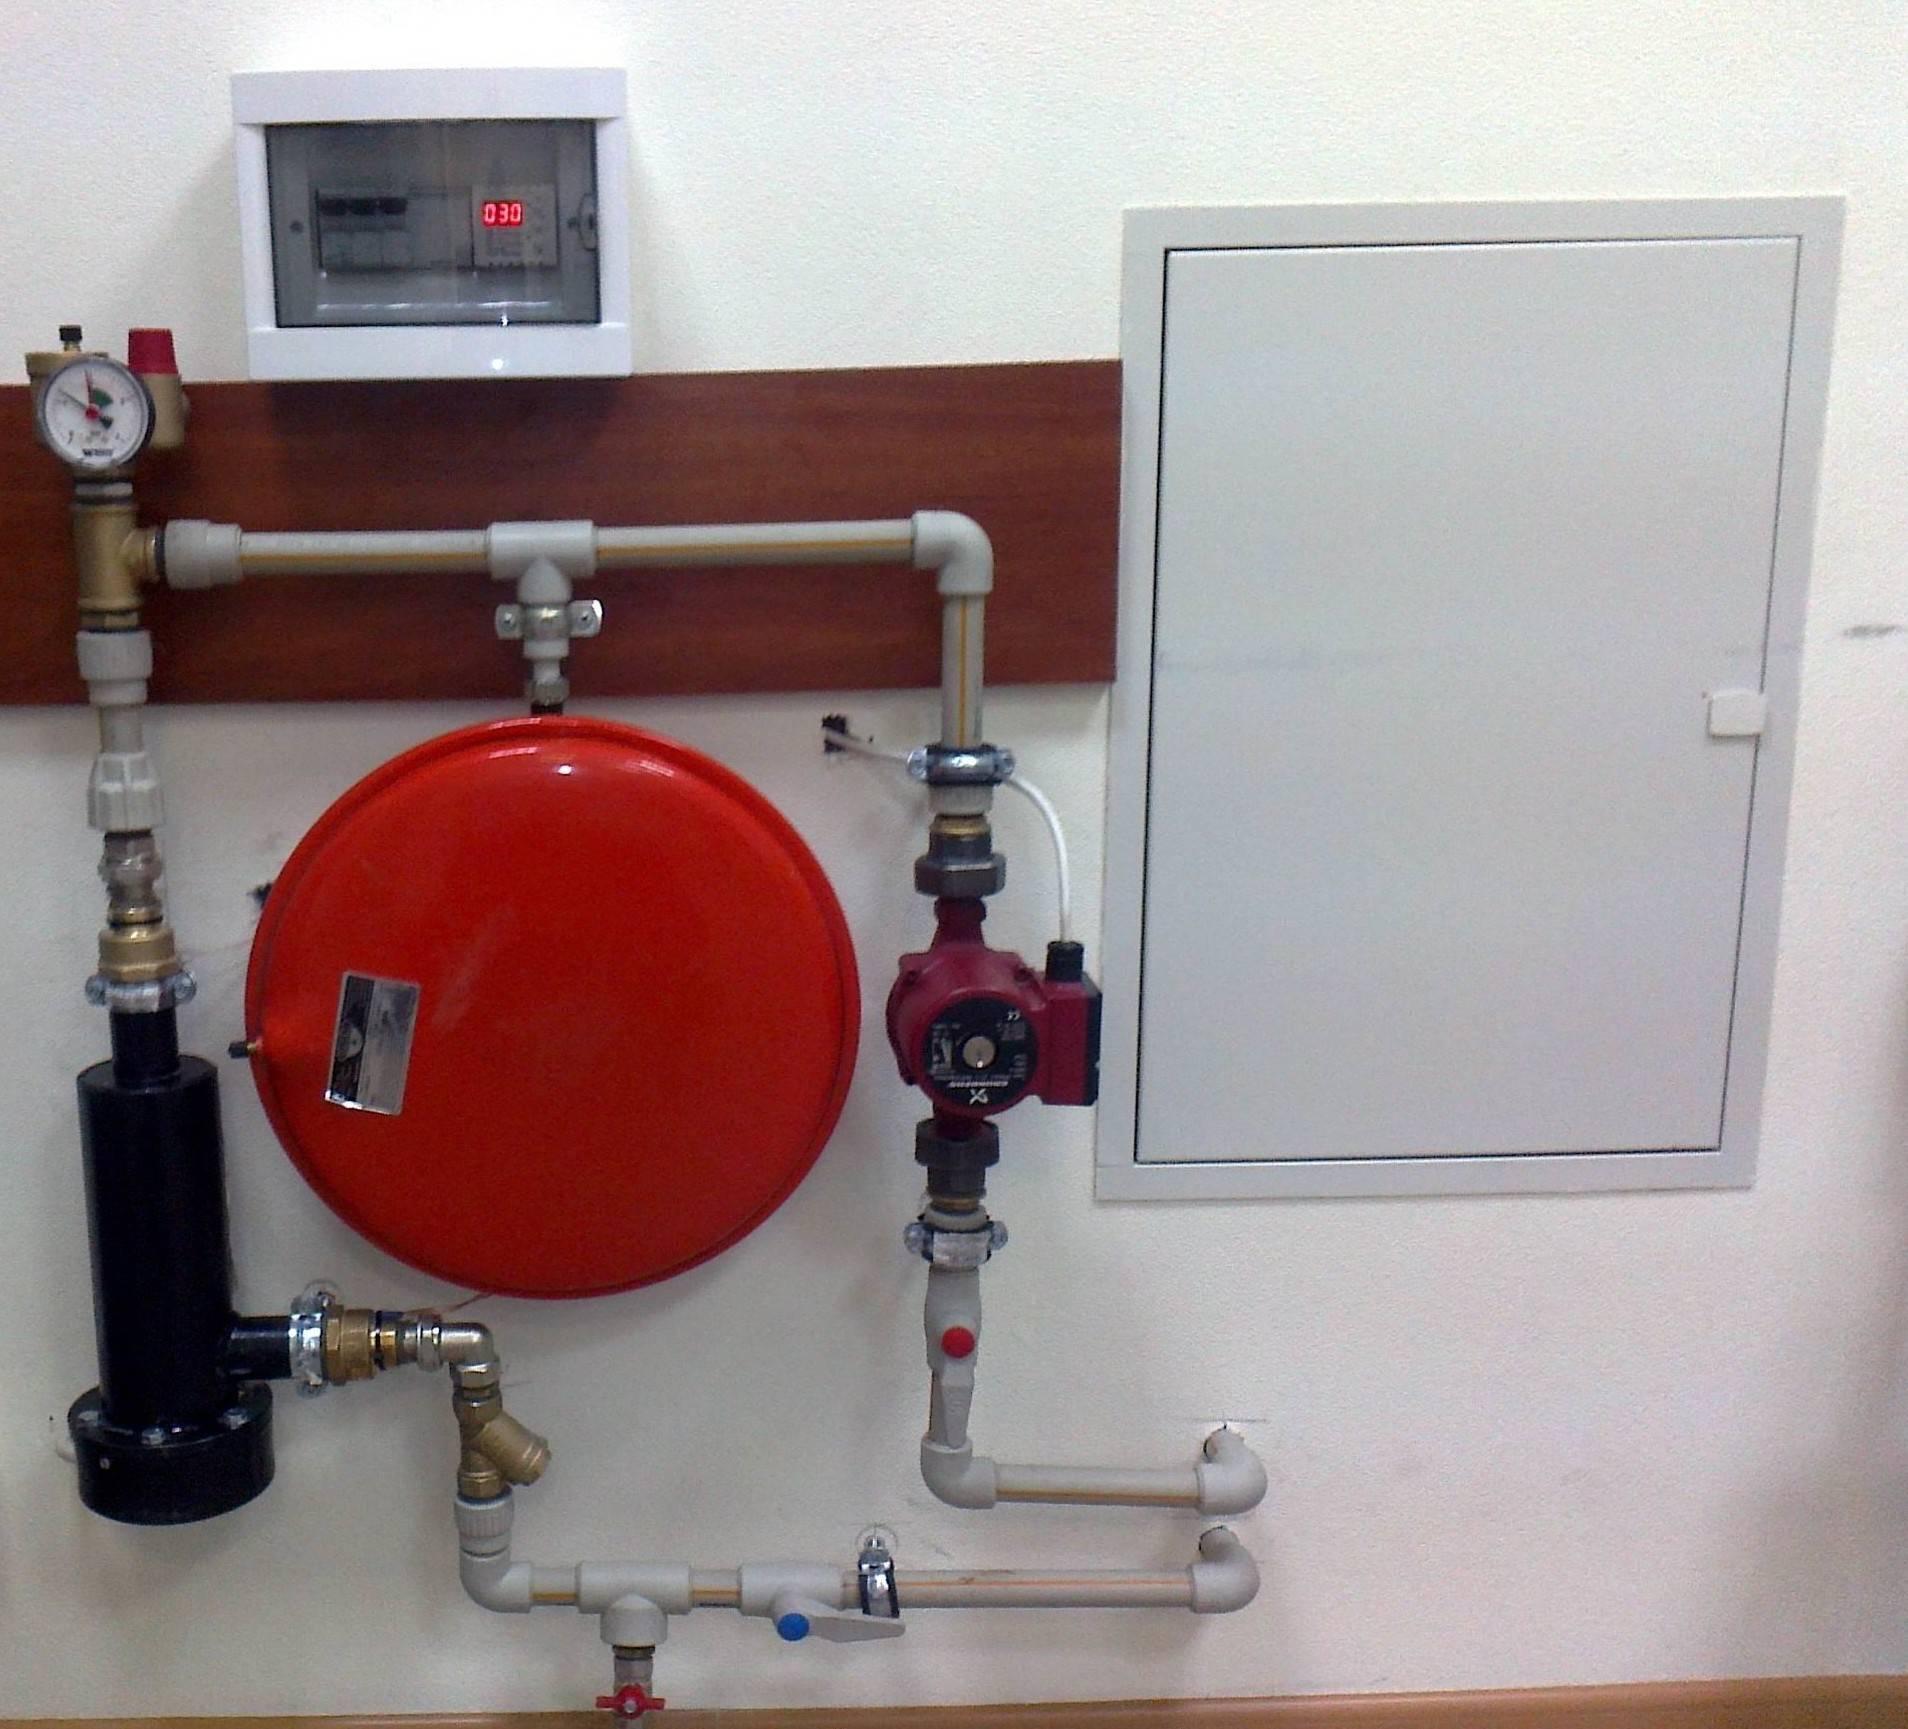 Электрический котел для отопления частного дома - разберемся в тонкостях